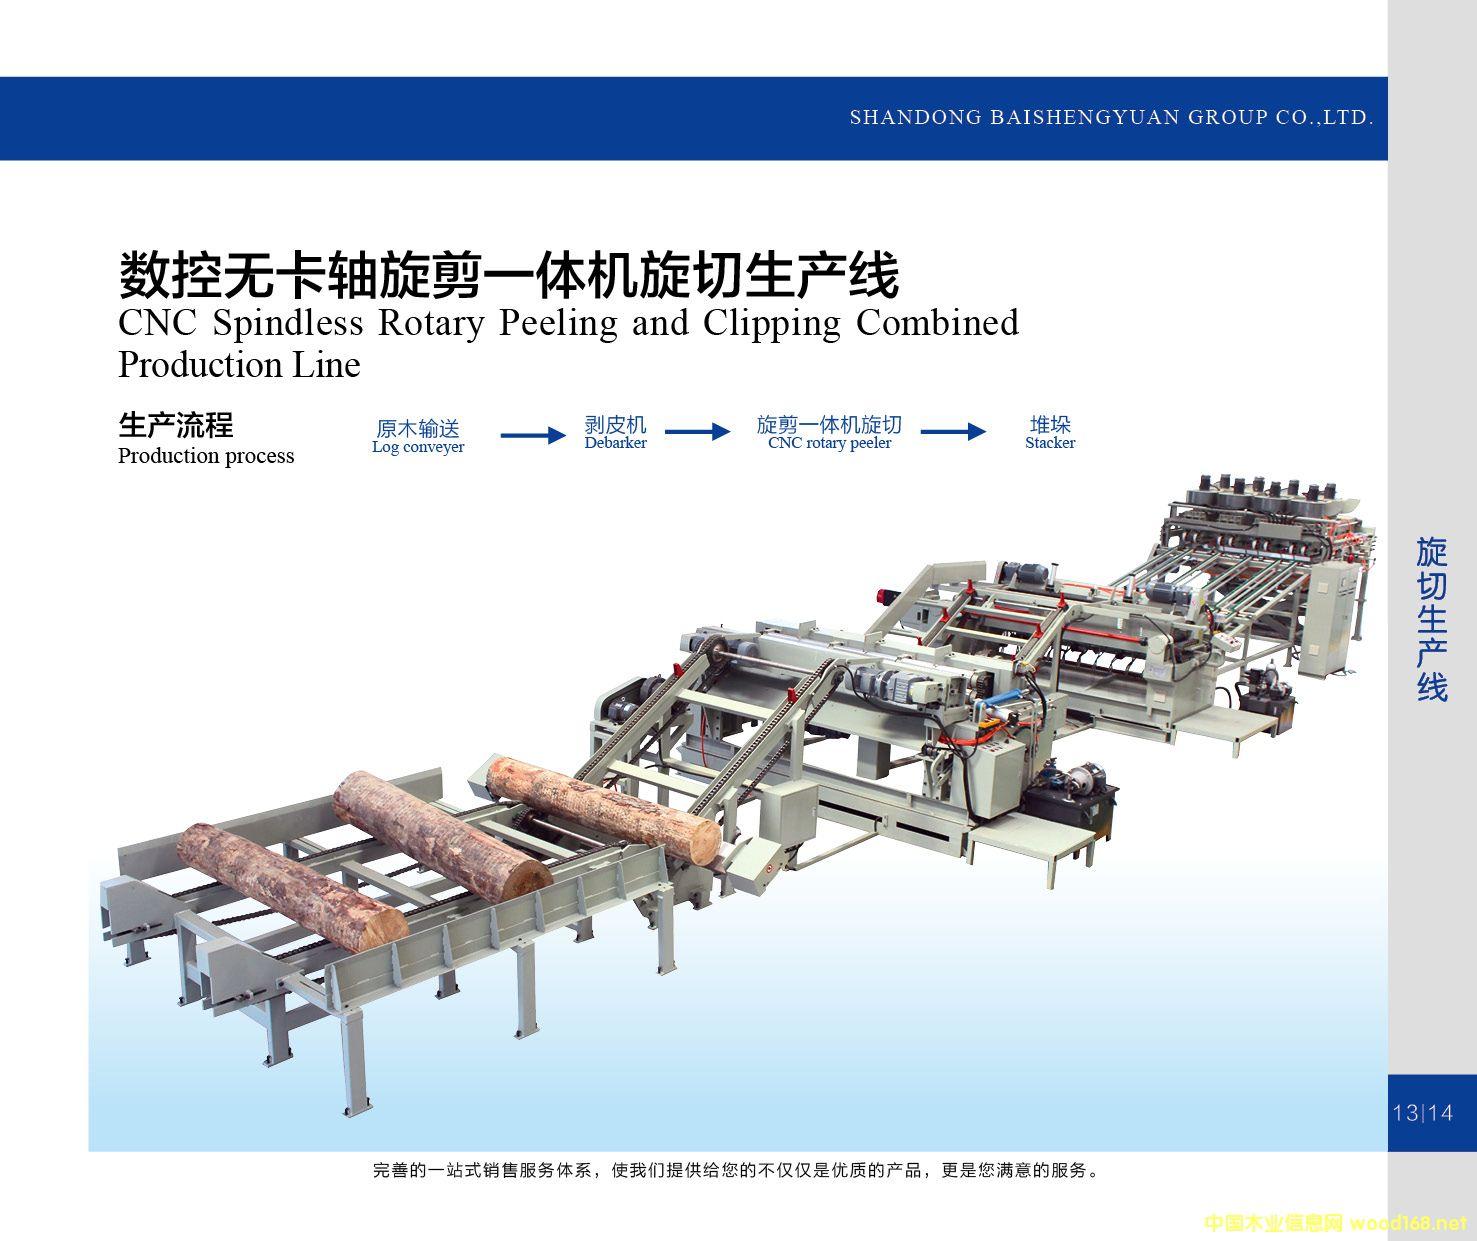 数控无卡轴旋剪一体机旋切生产线的详细介绍